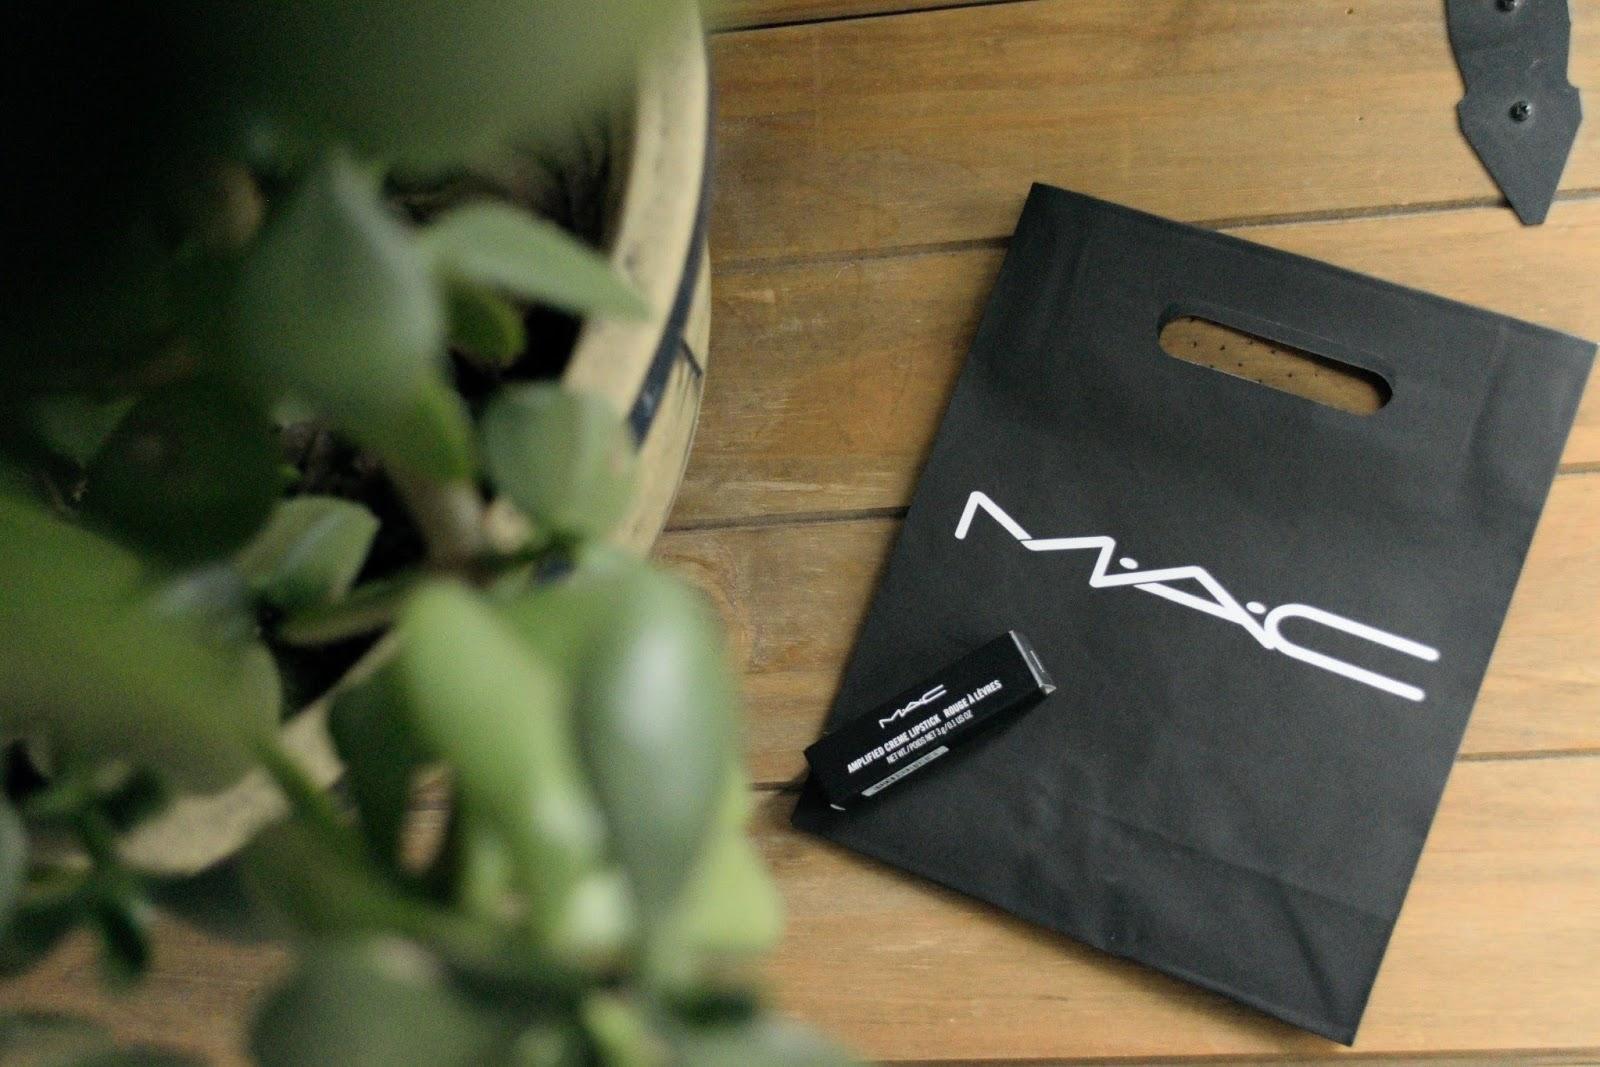 MAC lipstick, dubonnet